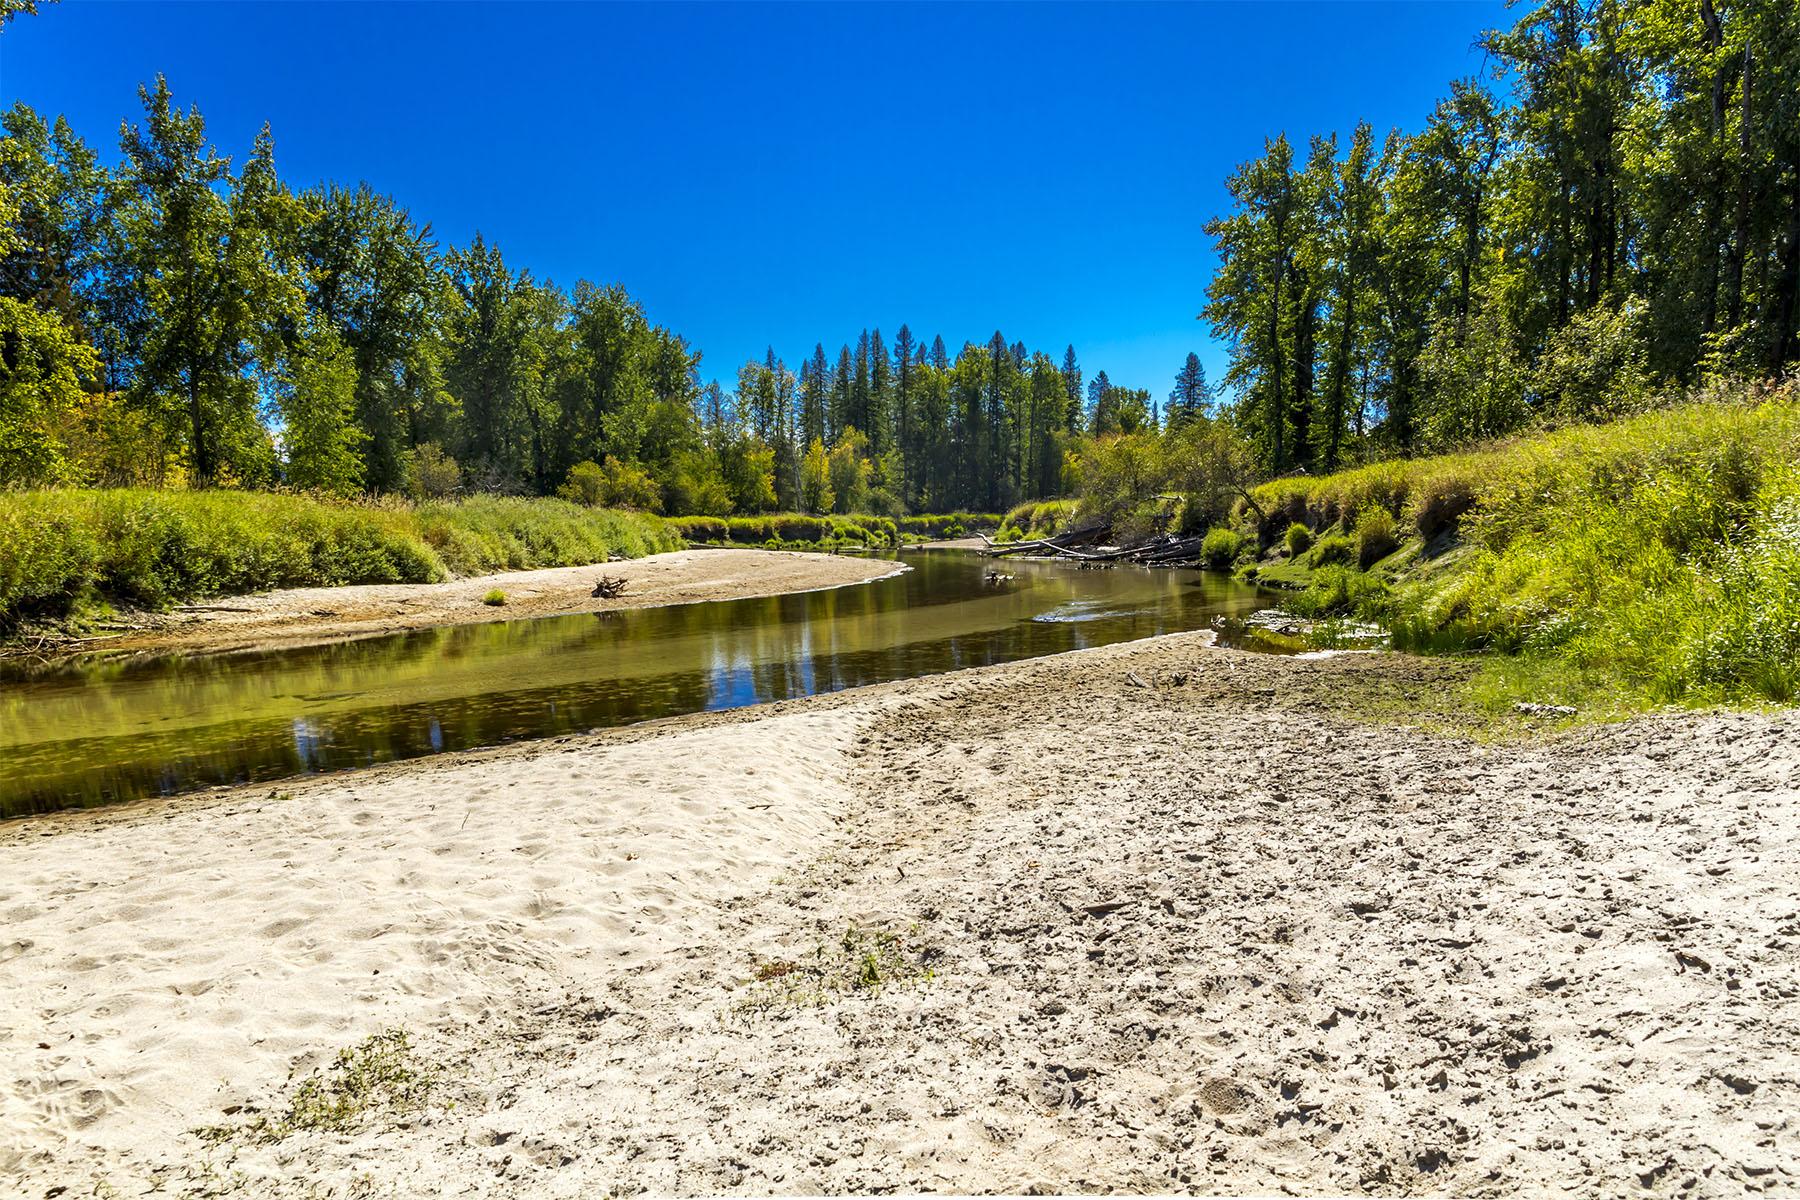 Maison unifamiliale pour l Vente à 86 Acres with Organic Pastures, Riverfront 2723 Selkirk Road Sandpoint, Idaho, 83864 États-Unis